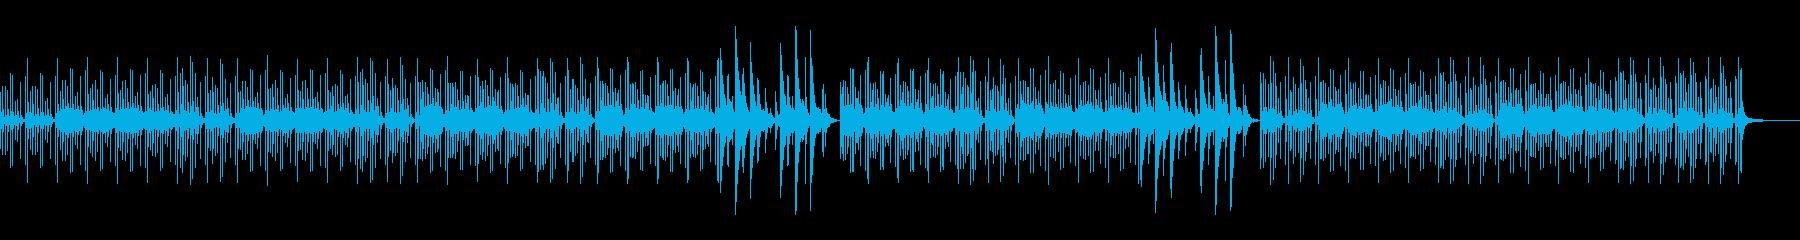 お昼寝!のんびりするアコースティック曲の再生済みの波形